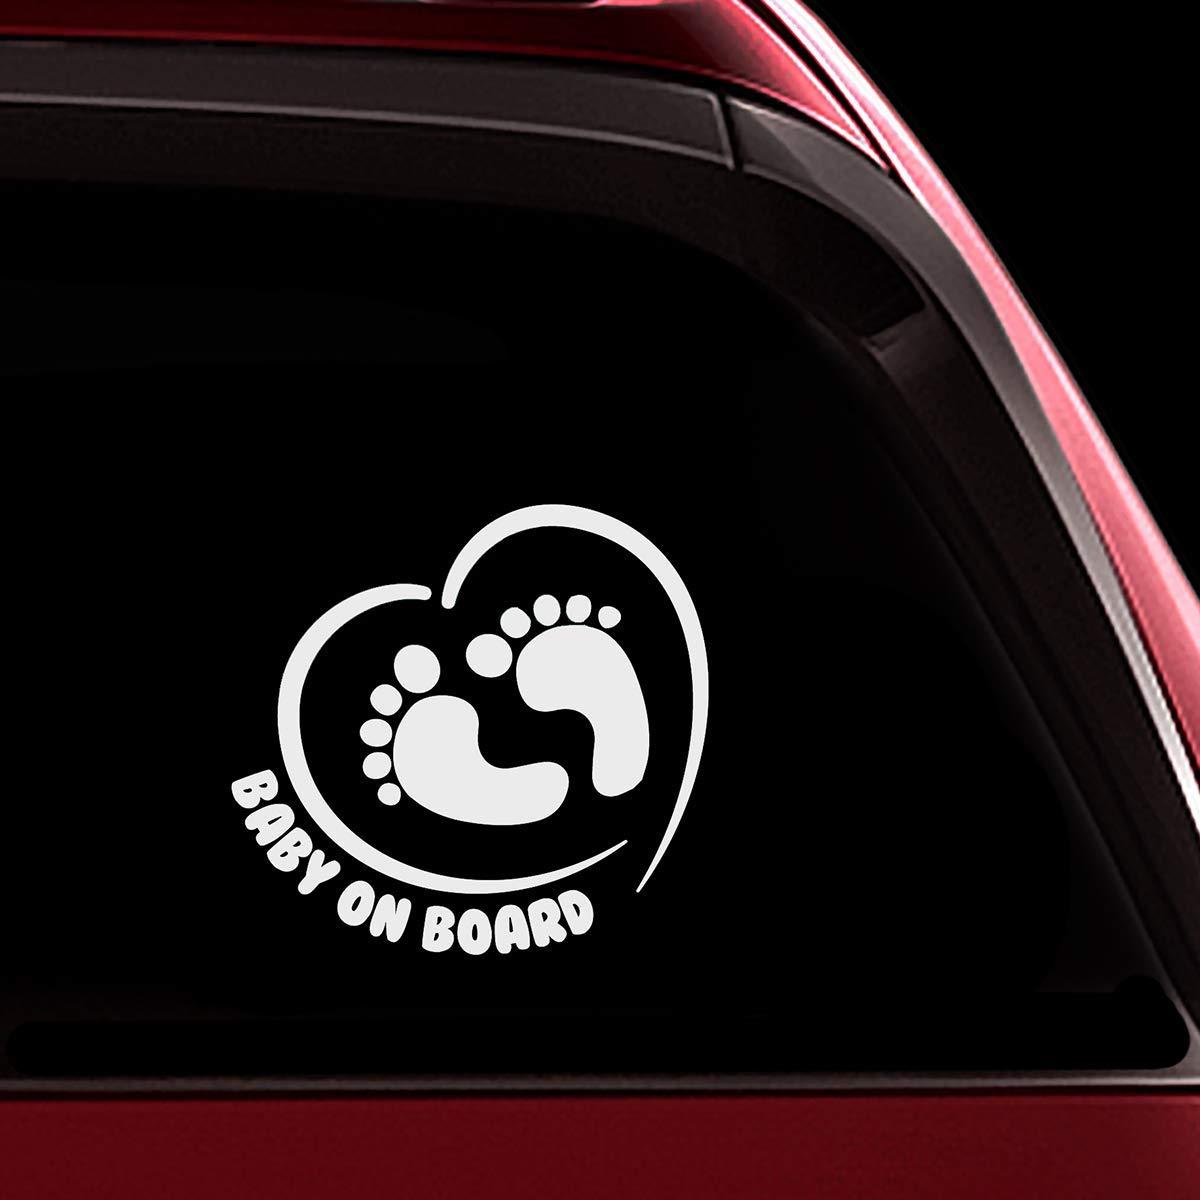 wei/ß Vinyl Stukk Stickers Baby On Board Aufkleber f/ür Autofenster 12,7 cm x 17,8 cm